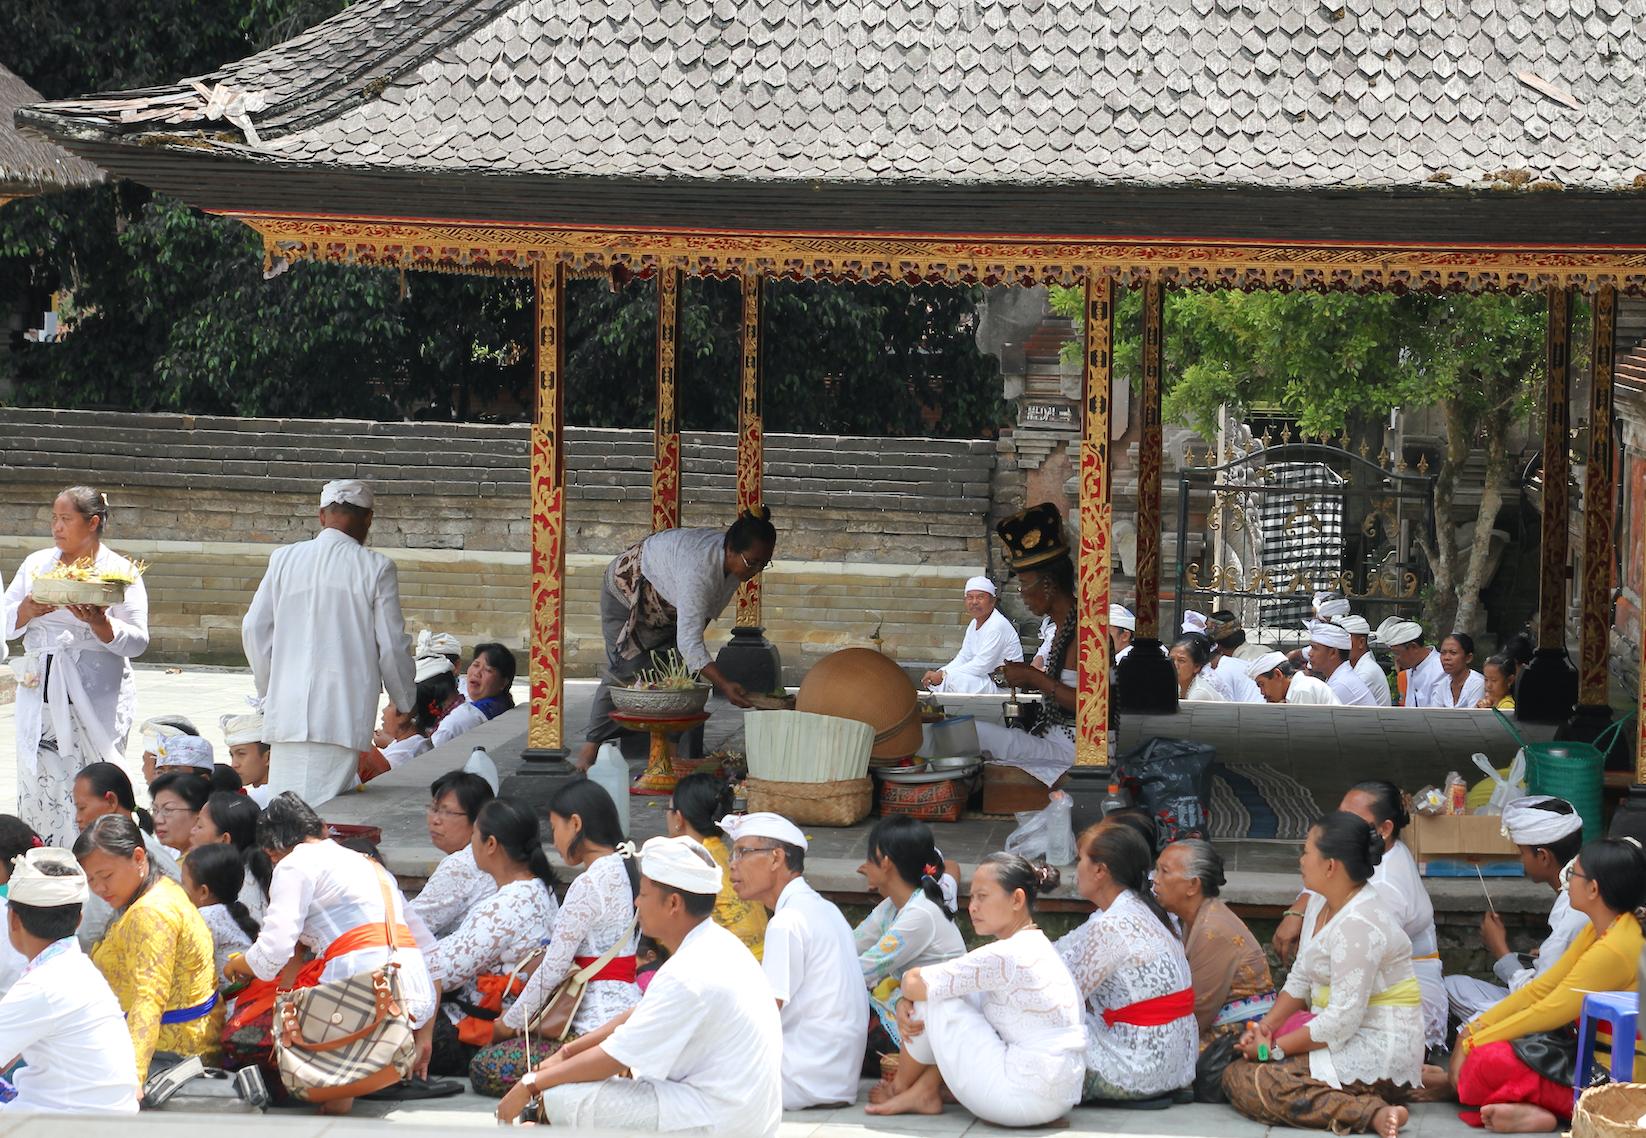 Balinesere samlet til bønn. Legg merke til presten under taket.